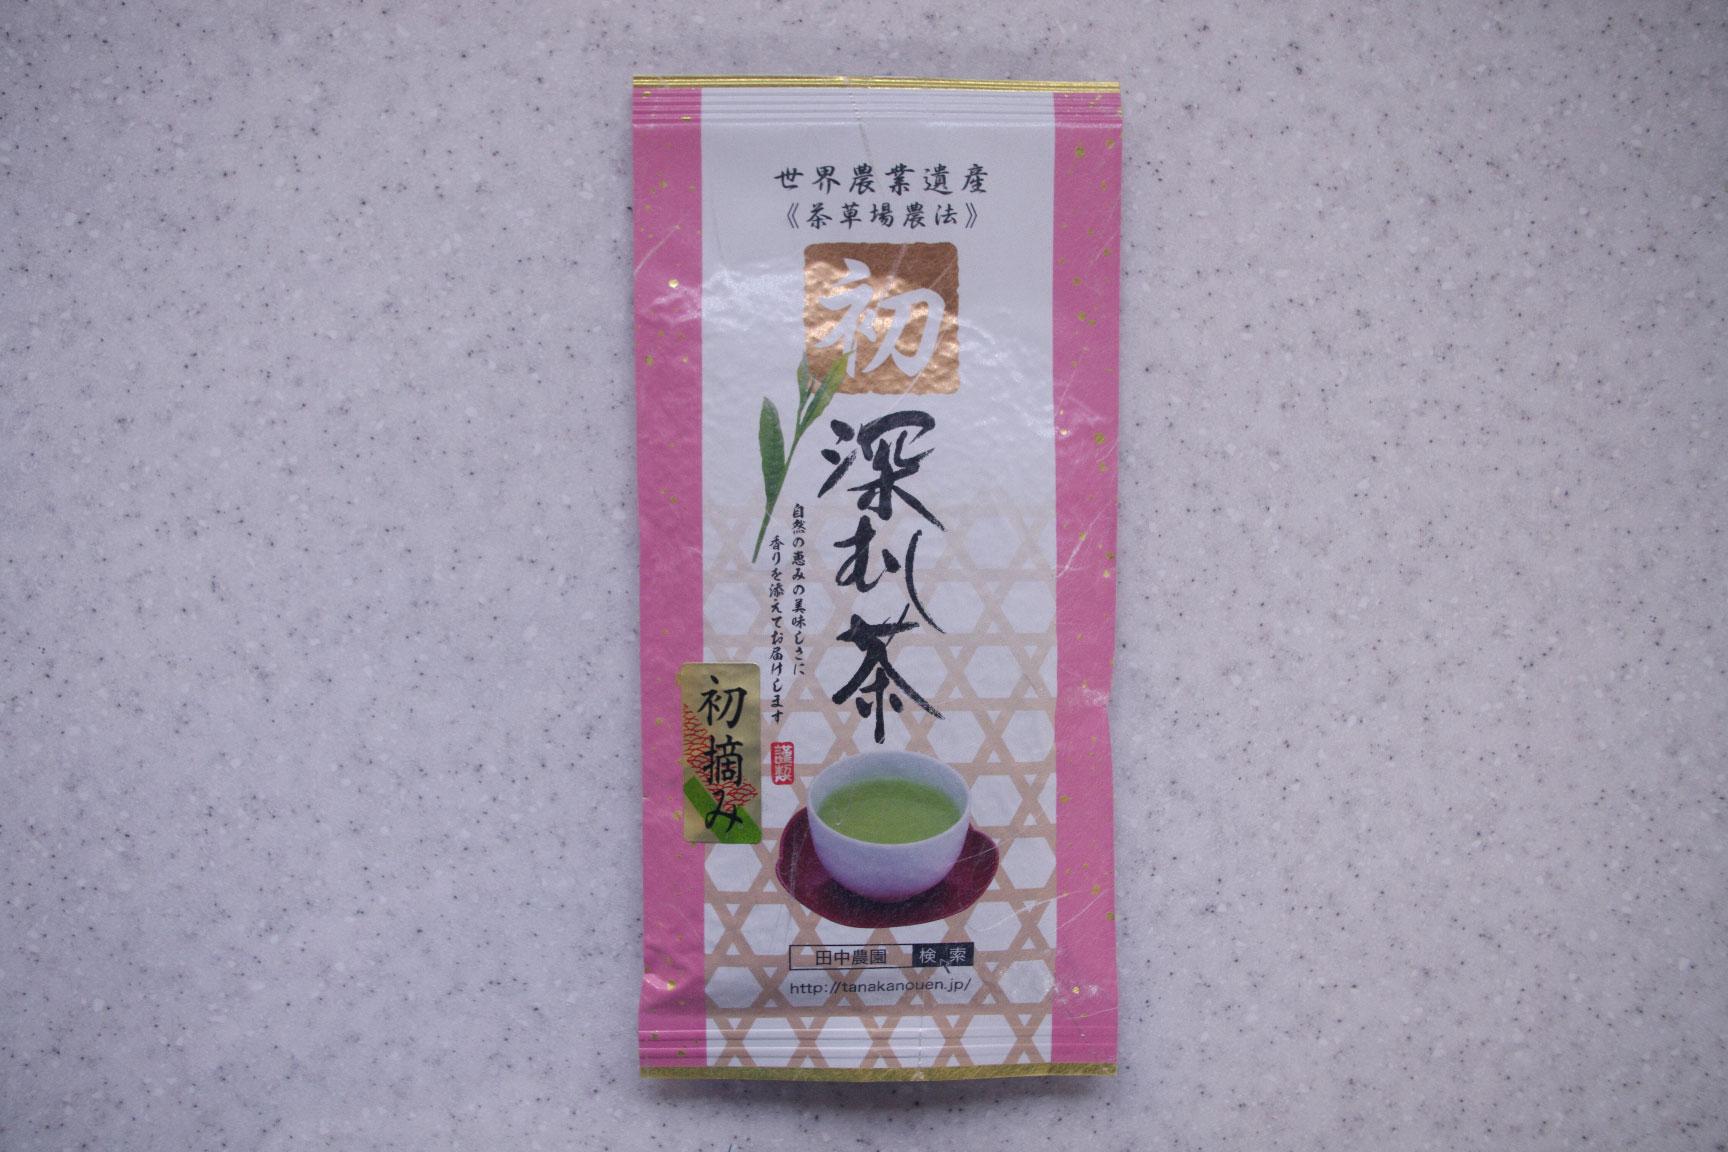 深蒸し茶 100g入 (桃-初、初摘みシール)